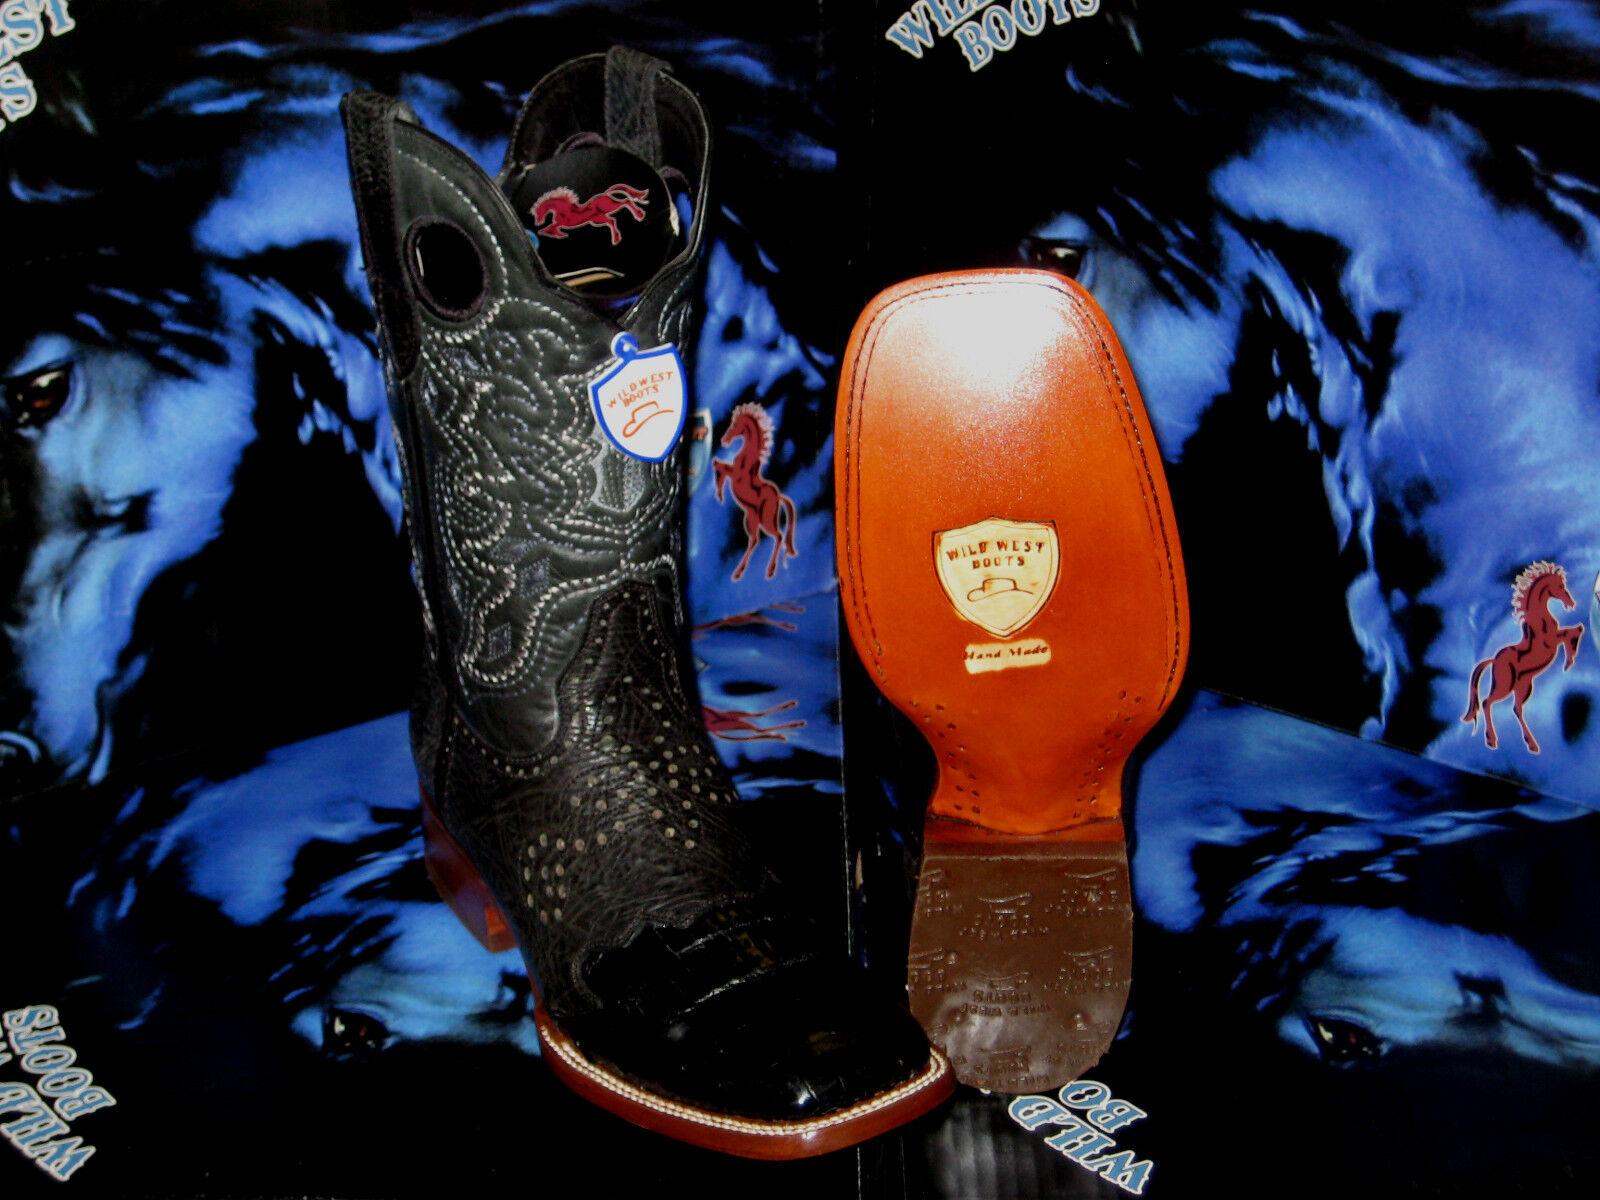 Wild WEST Genuino Cocodrilo vientre cuadrado negras Rodeo Western Cowboy bota 1D28205